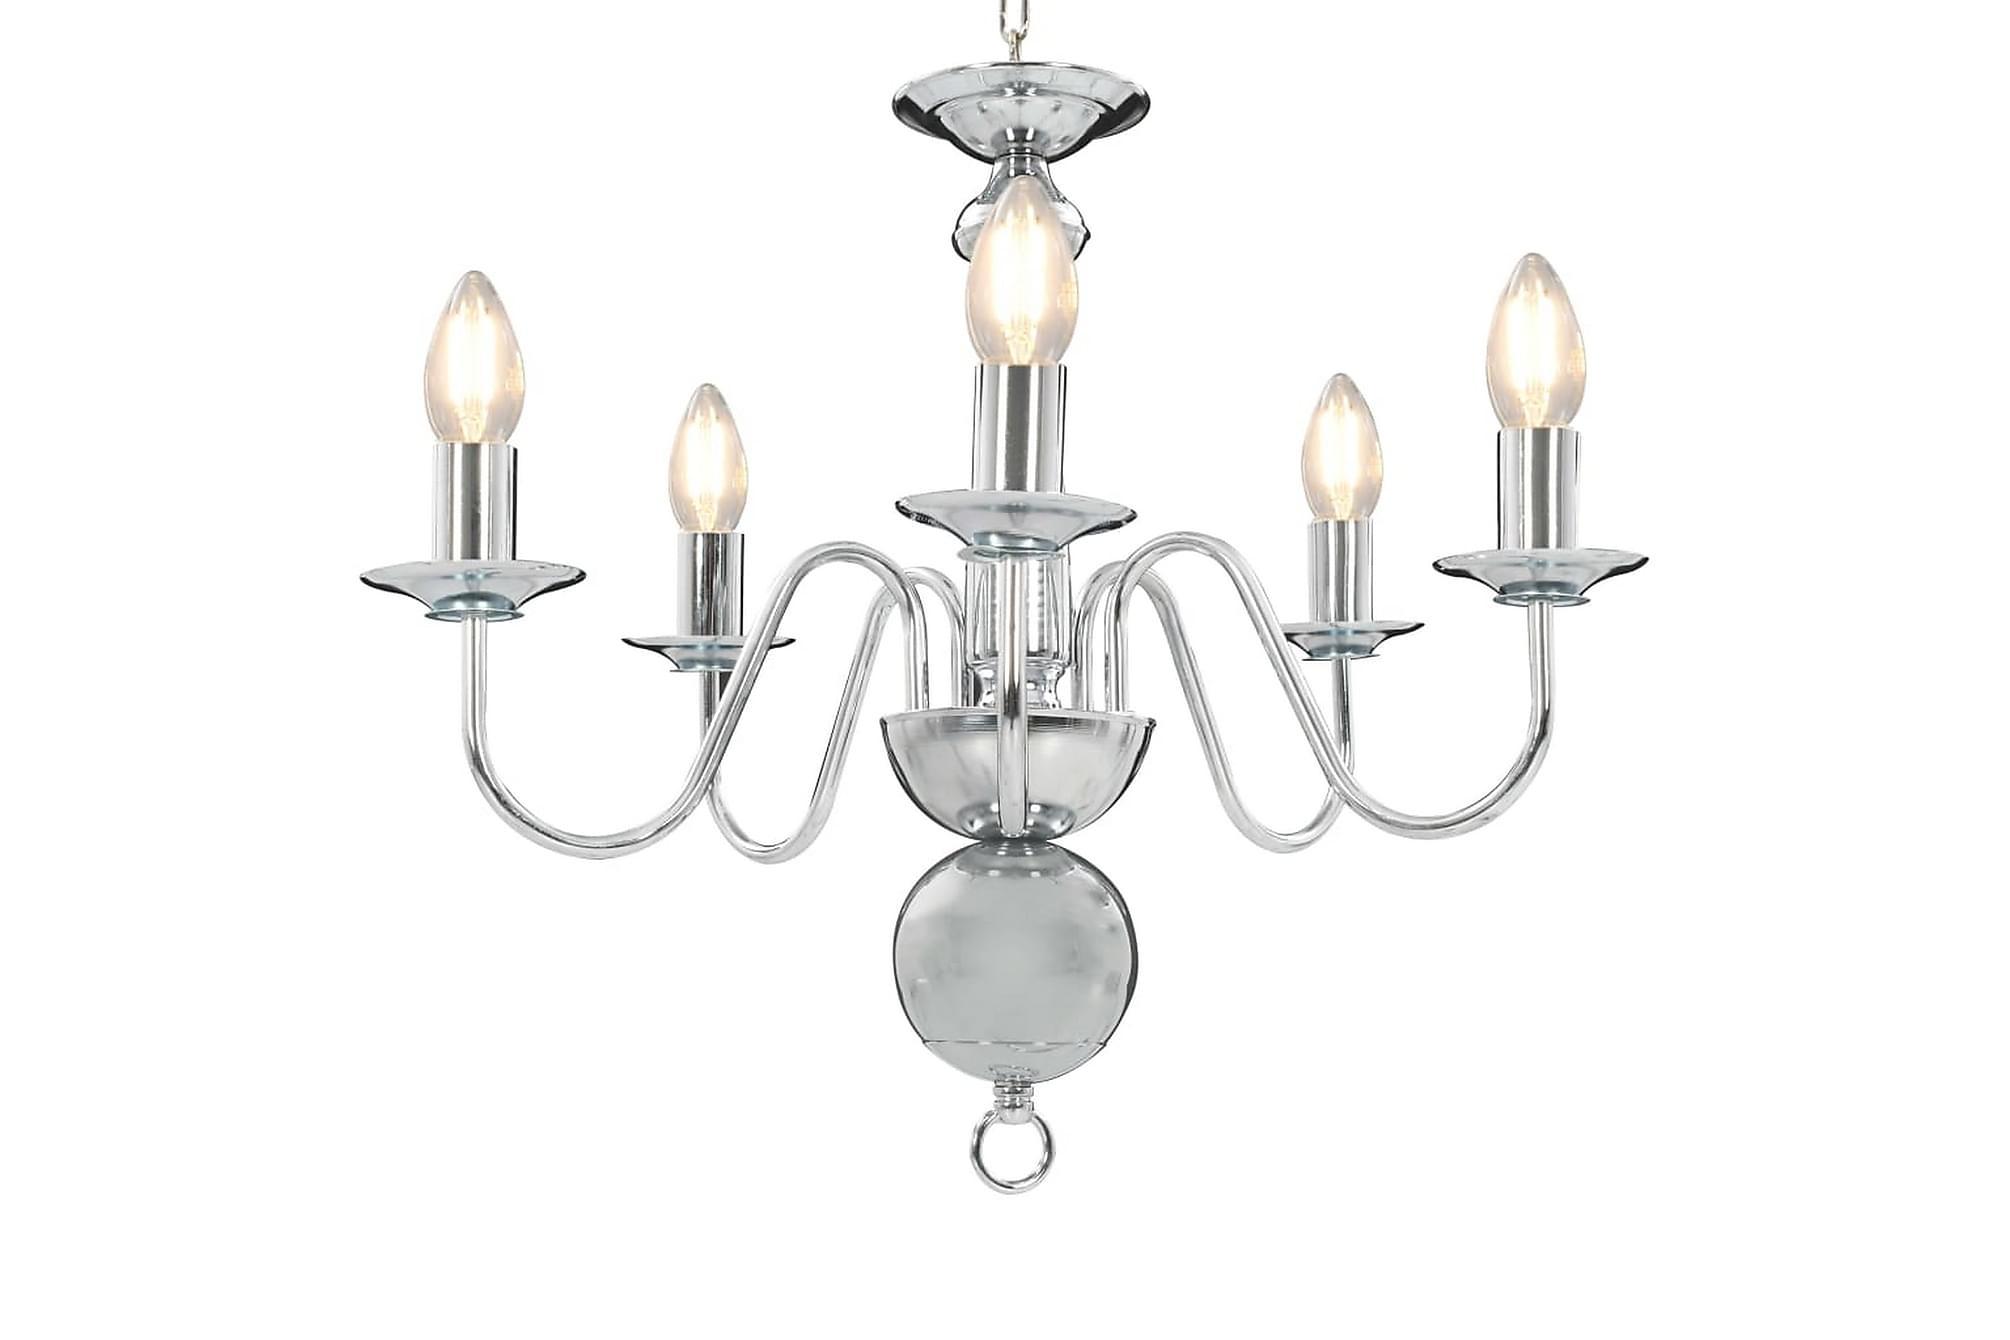 Takkrona silver 5 x E14-glödlampor, Taklampor